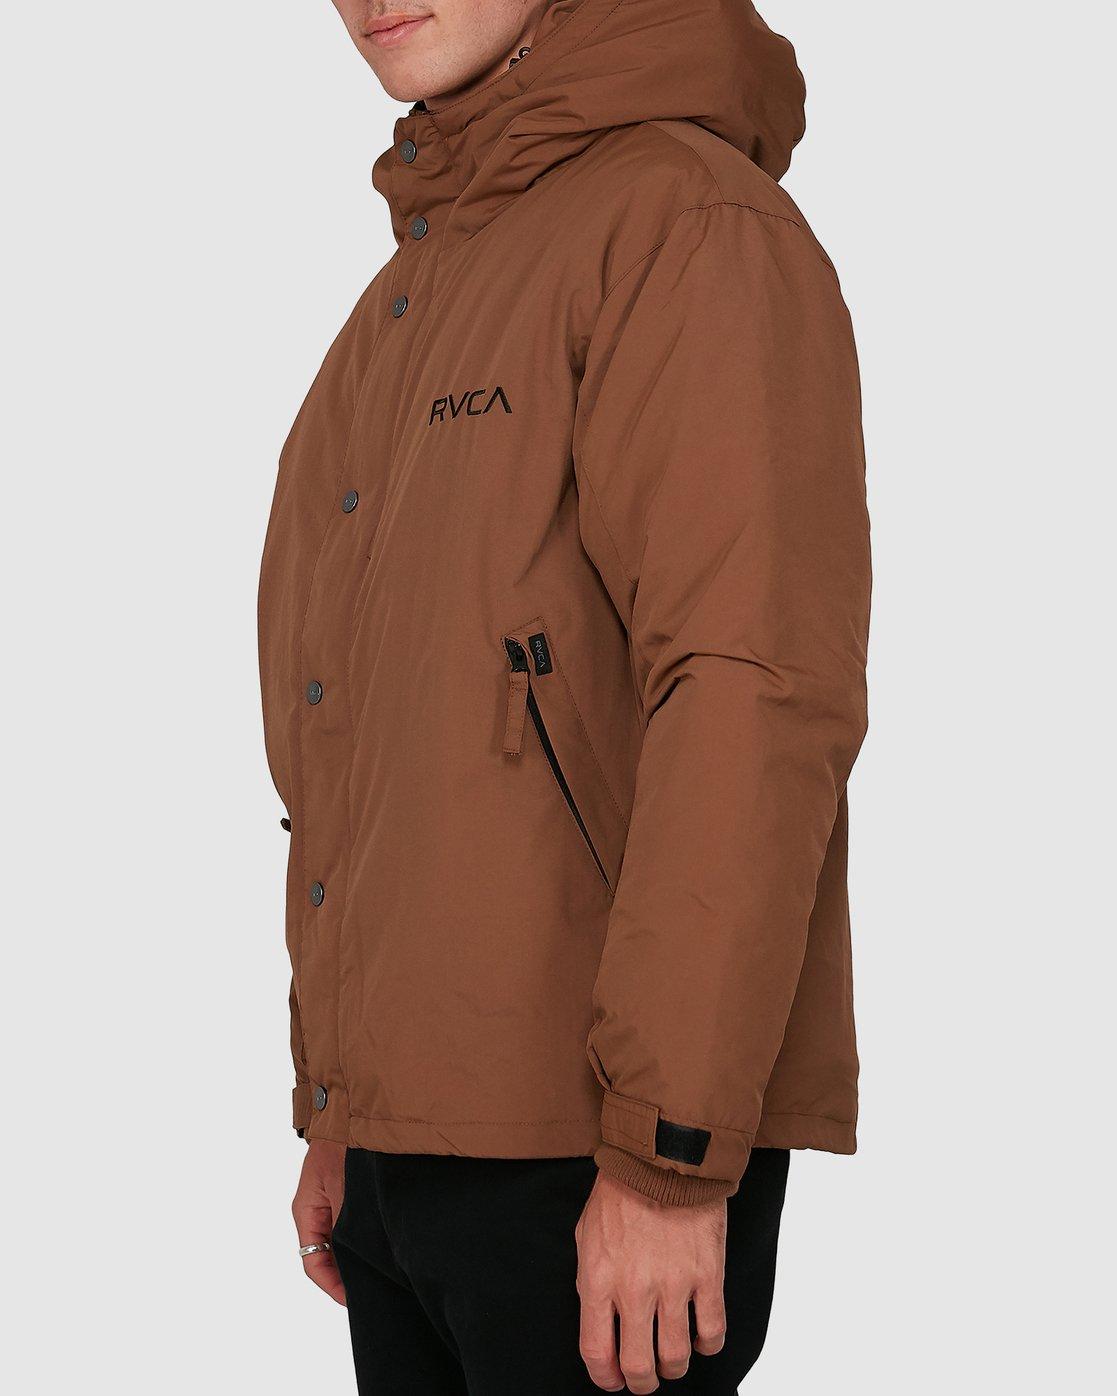 1 Rvca Puffa Jacket Brown R391433 RVCA